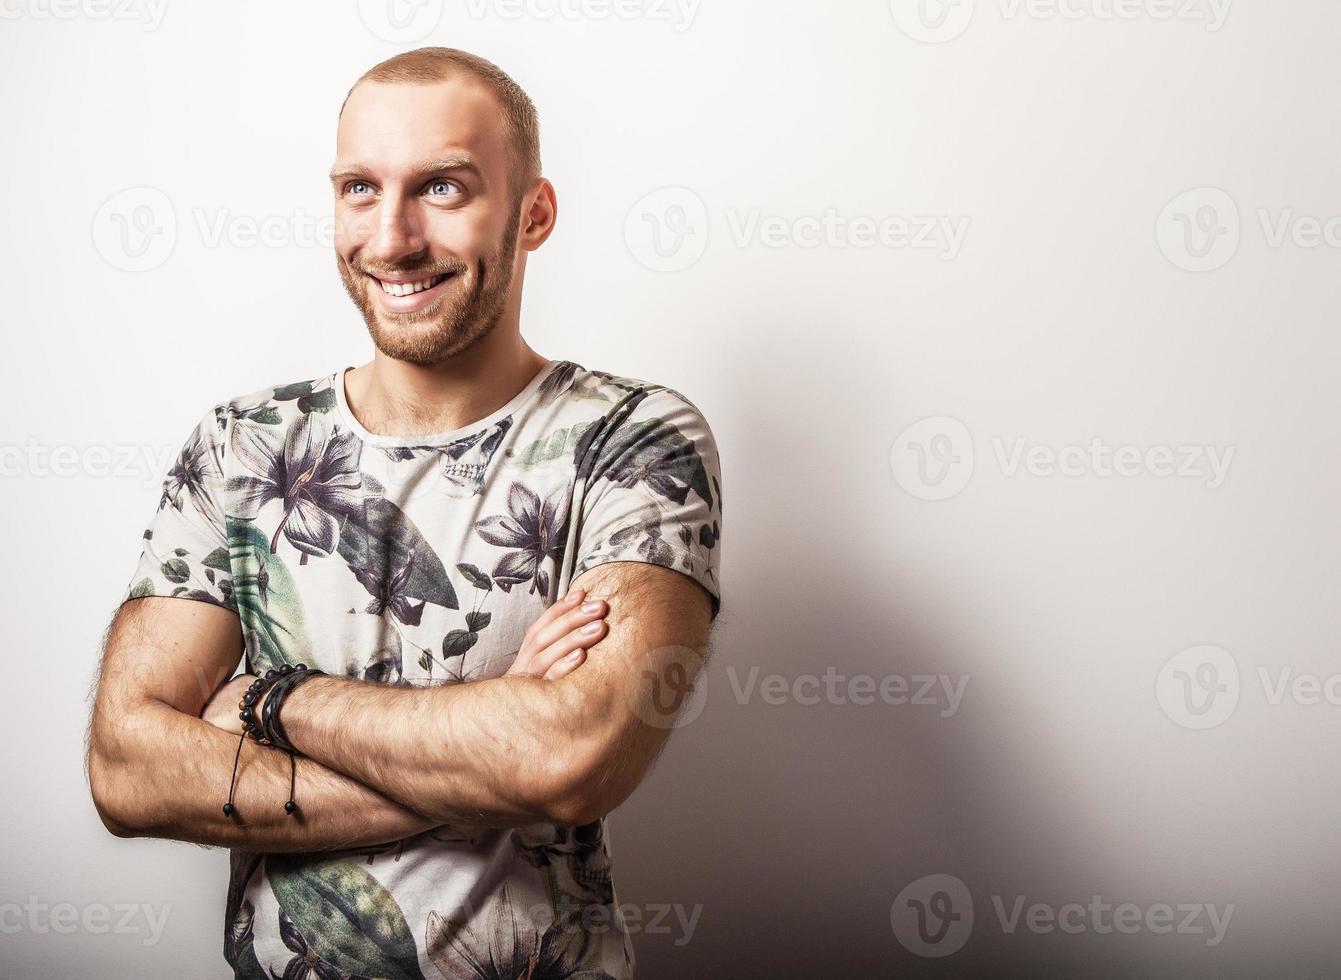 elegante joven apuesto en camiseta de colores brillantes. foto